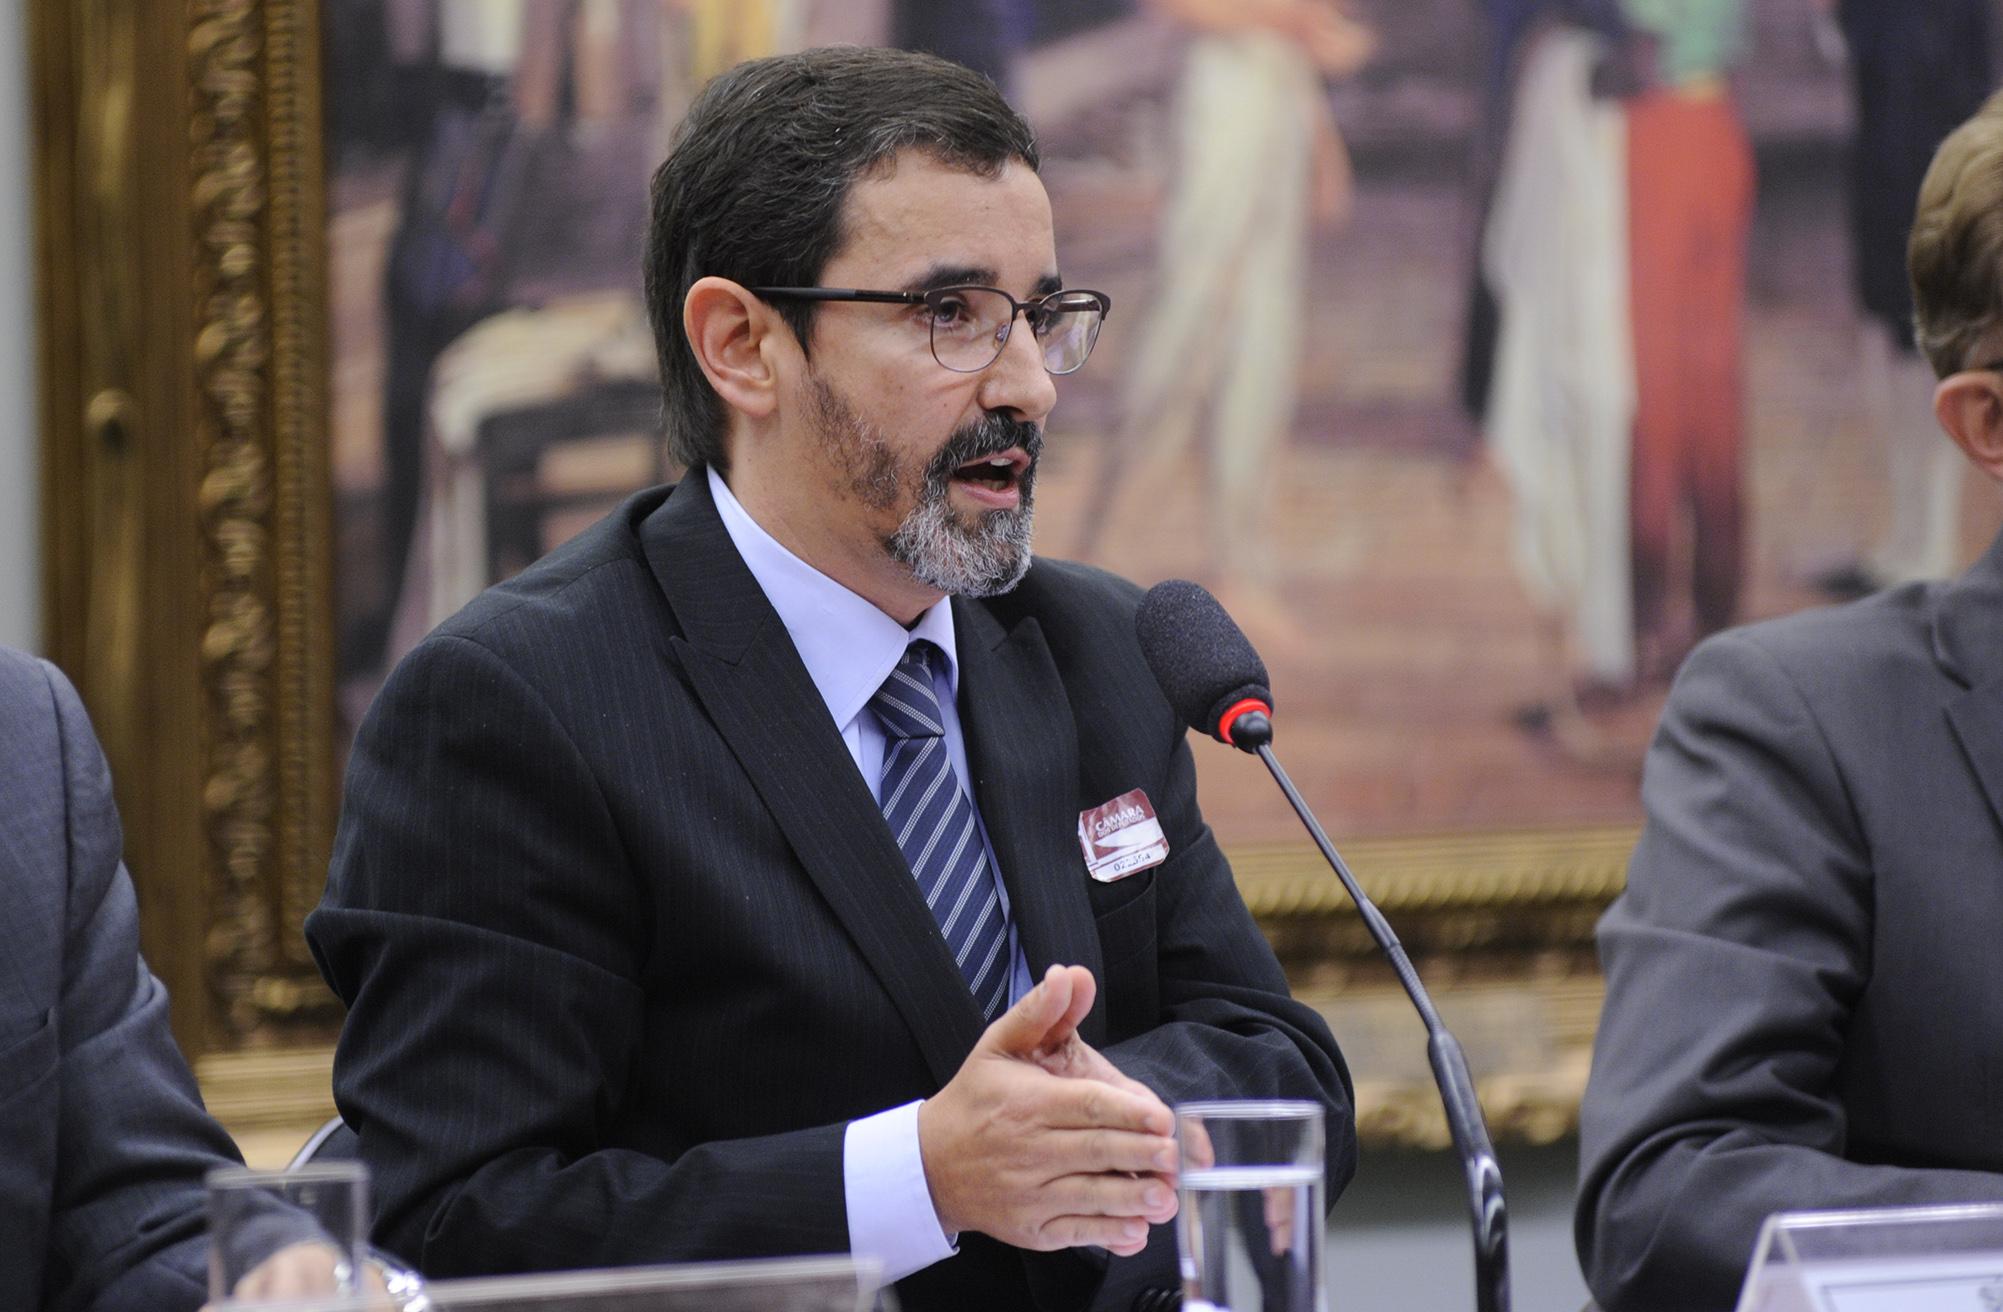 Audiência Pública e Reunião Ordinária. Juiz da 10ª Vara Criminal do Tribunal da Justiça Federal de São Paulo, Sílvio Rocha